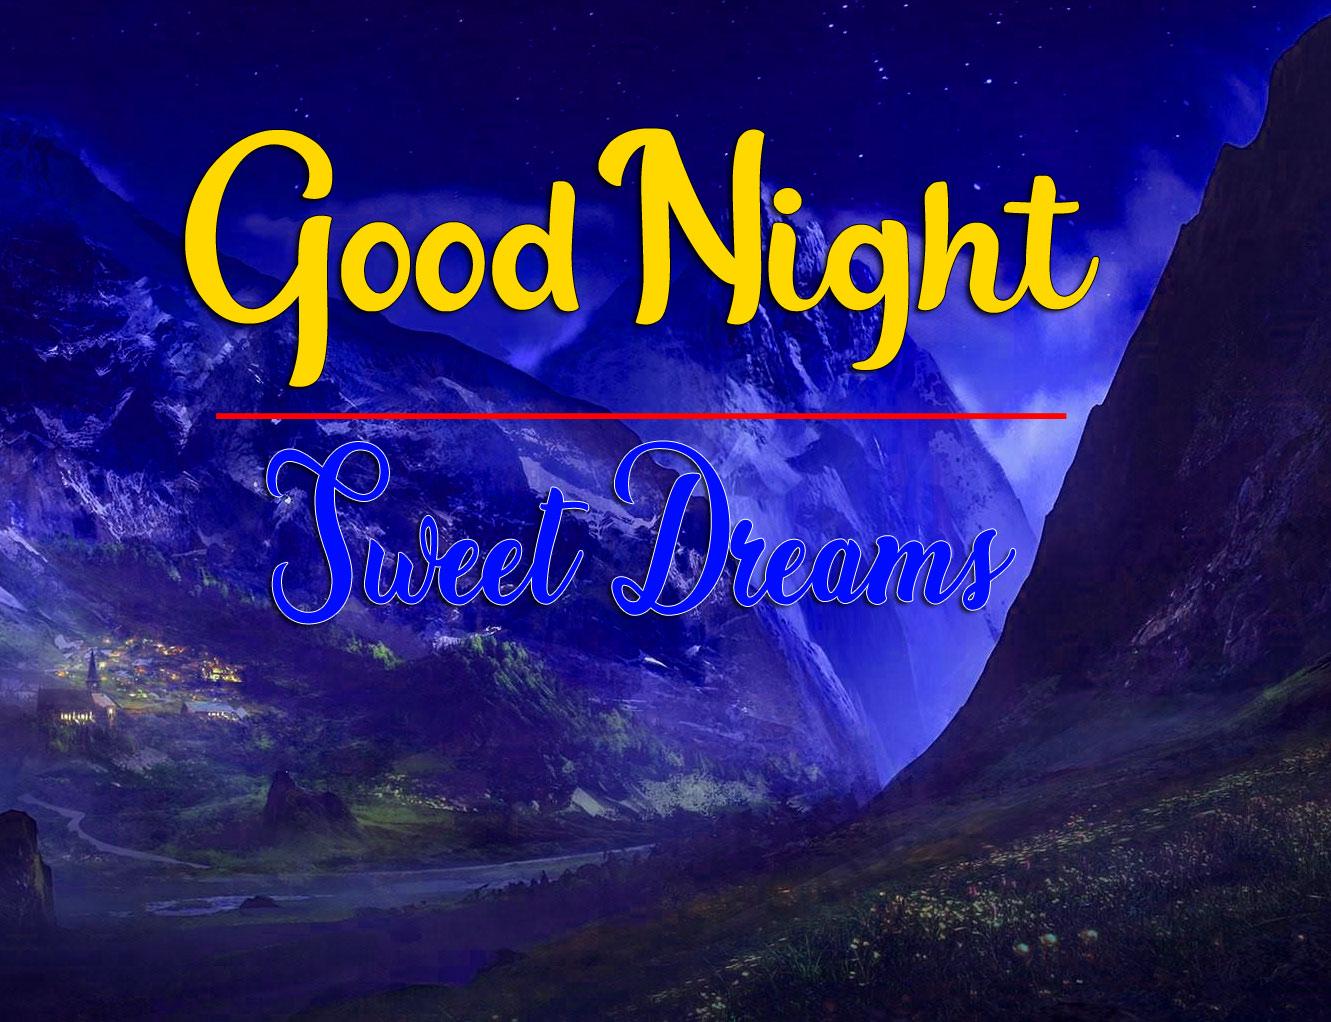 New Best HD Good Night Wallpaper